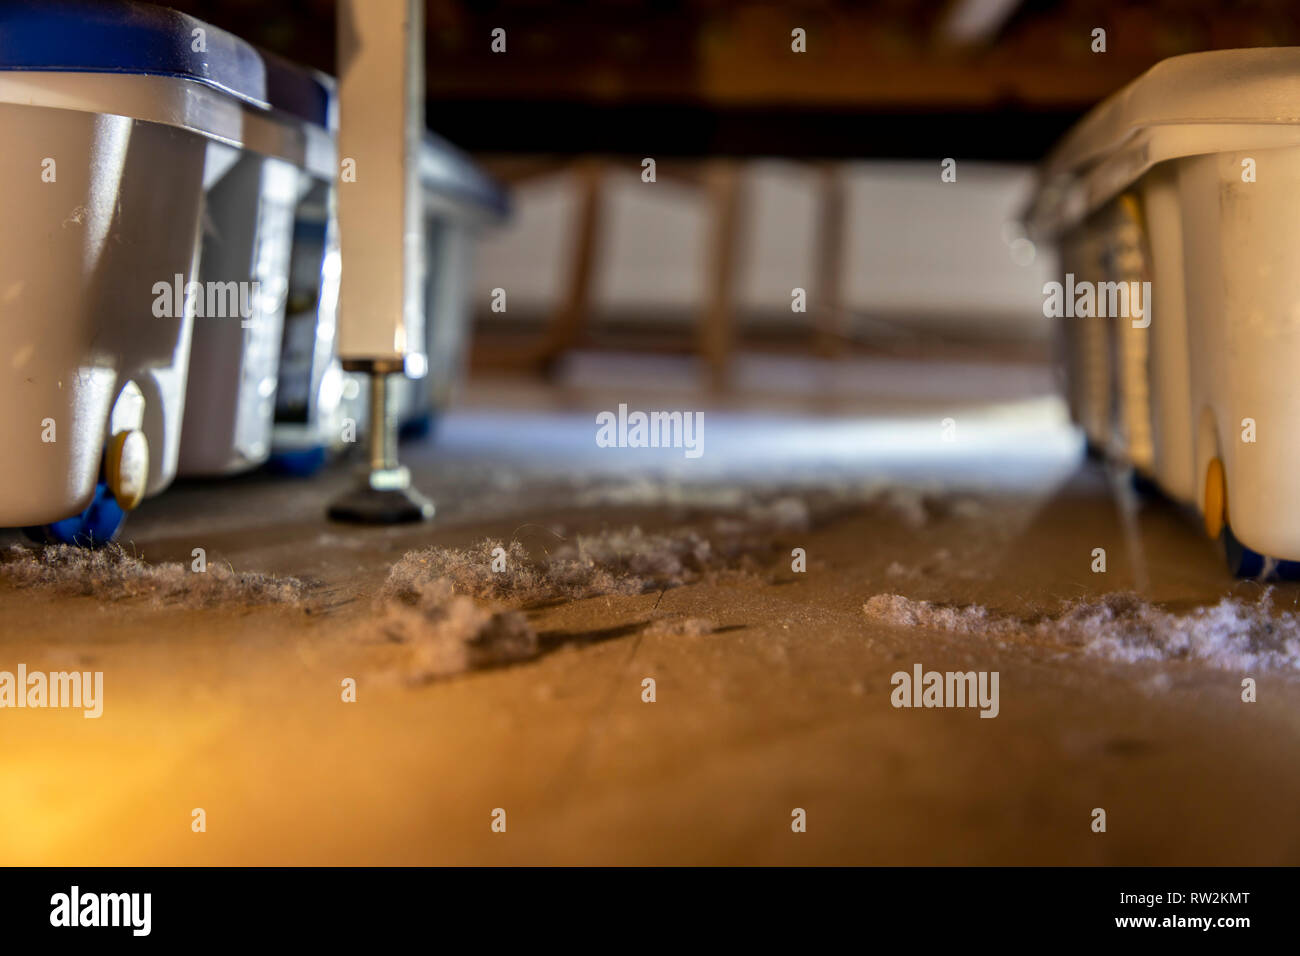 Hausstaub, Wollmäuse, Staubknäule, sammeln sich unter einem Bett, Stock Photo